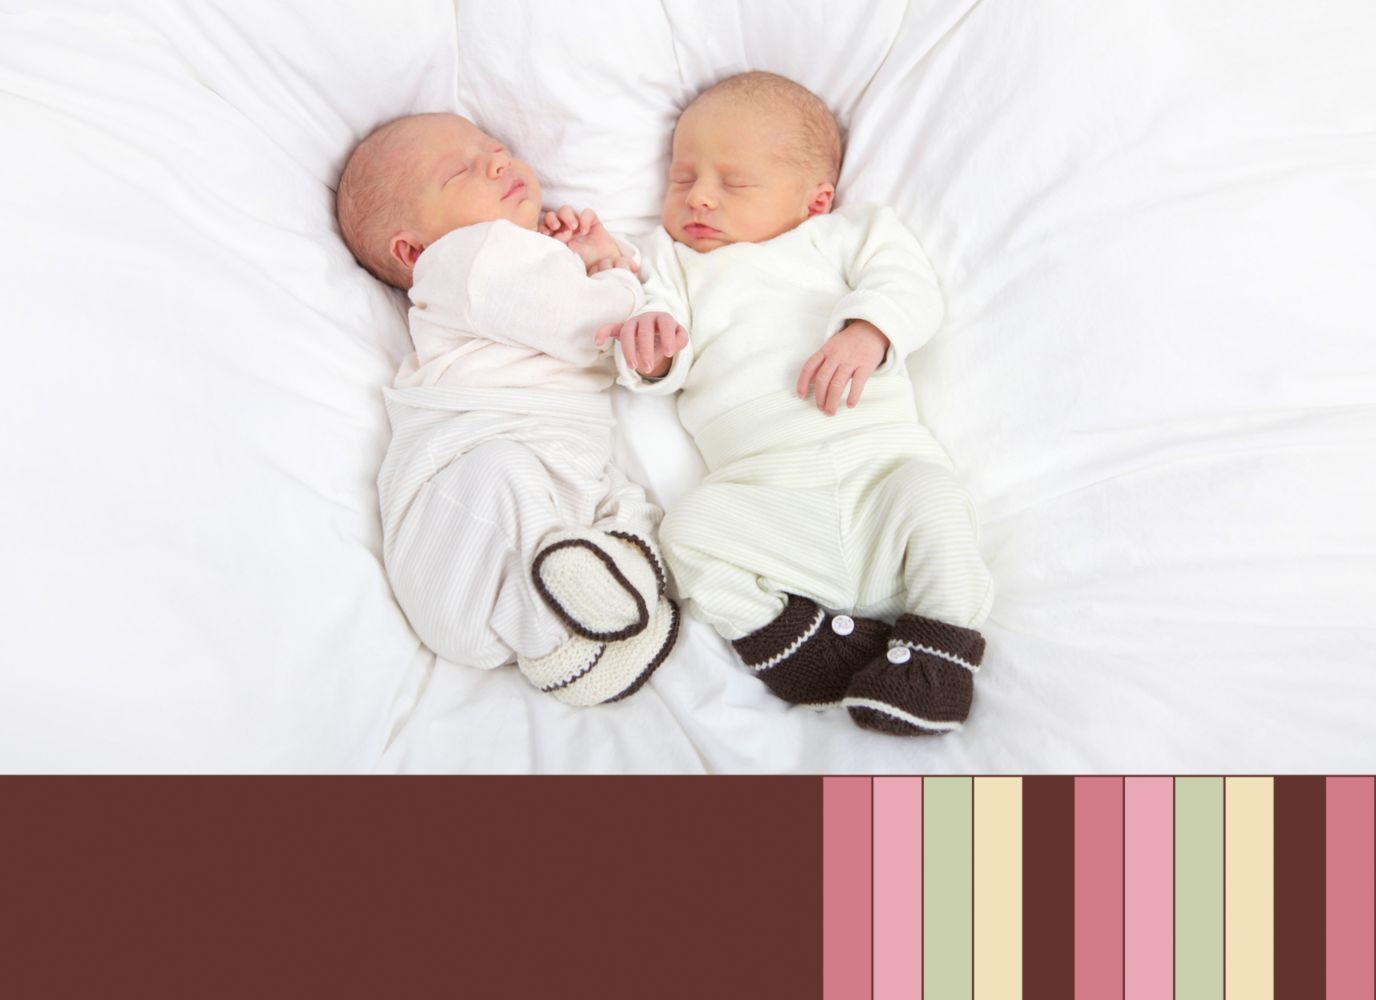 Ansicht 2 - Baby Dankeskarte Zwillinge Retro